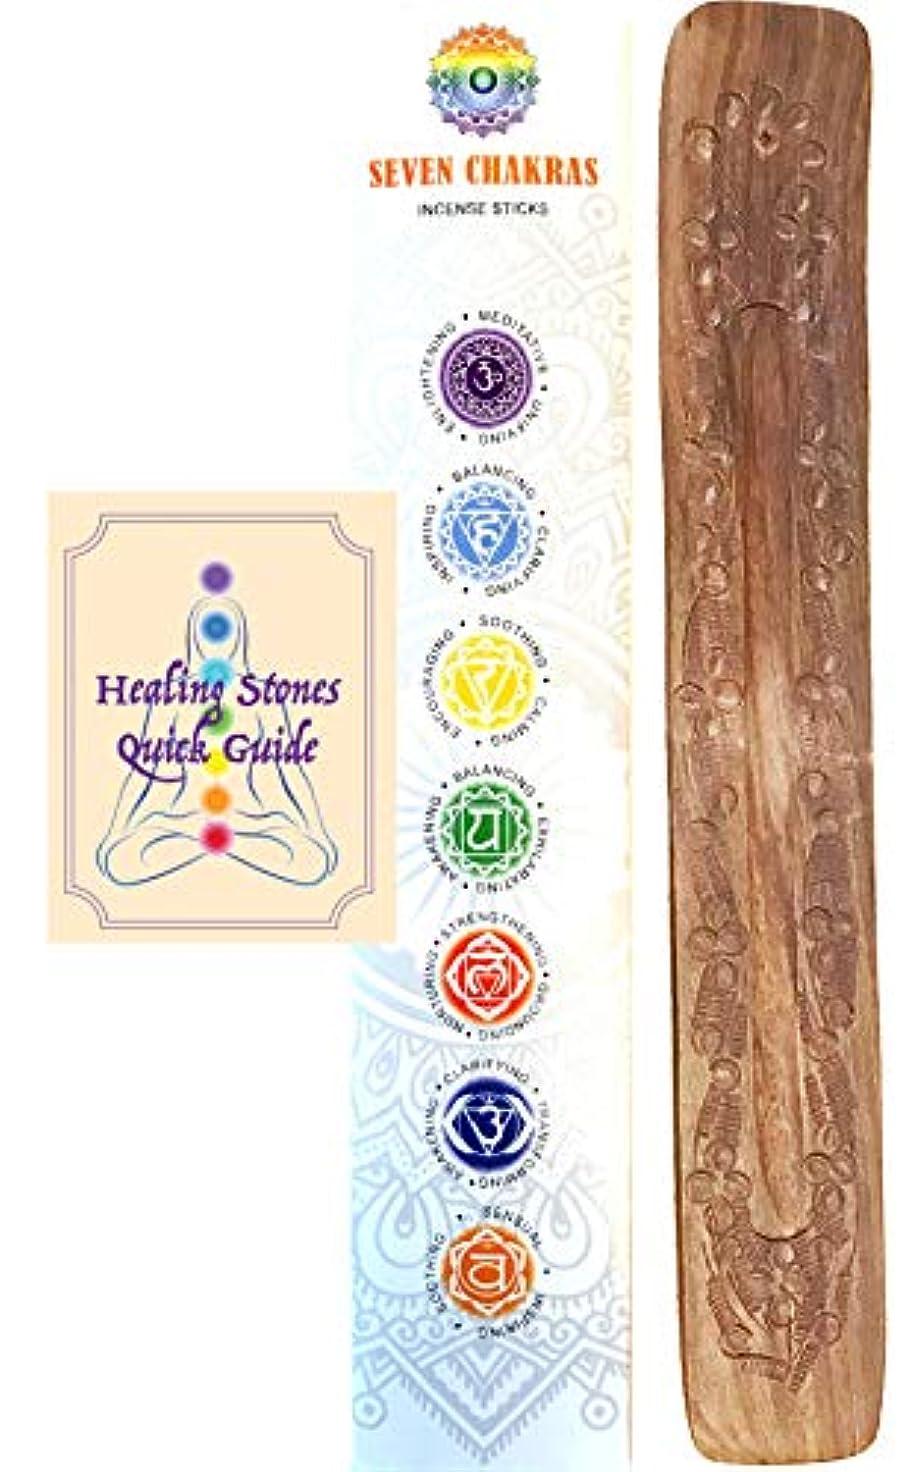 揃える主観的タウポ湖7つのチャクラのお香セット – 35本の線香 各7本 瞑想、ストレング、創造性、洞察の認識用 カヌーの香炉とヒーリングストーン付き クイックチャクラガイド